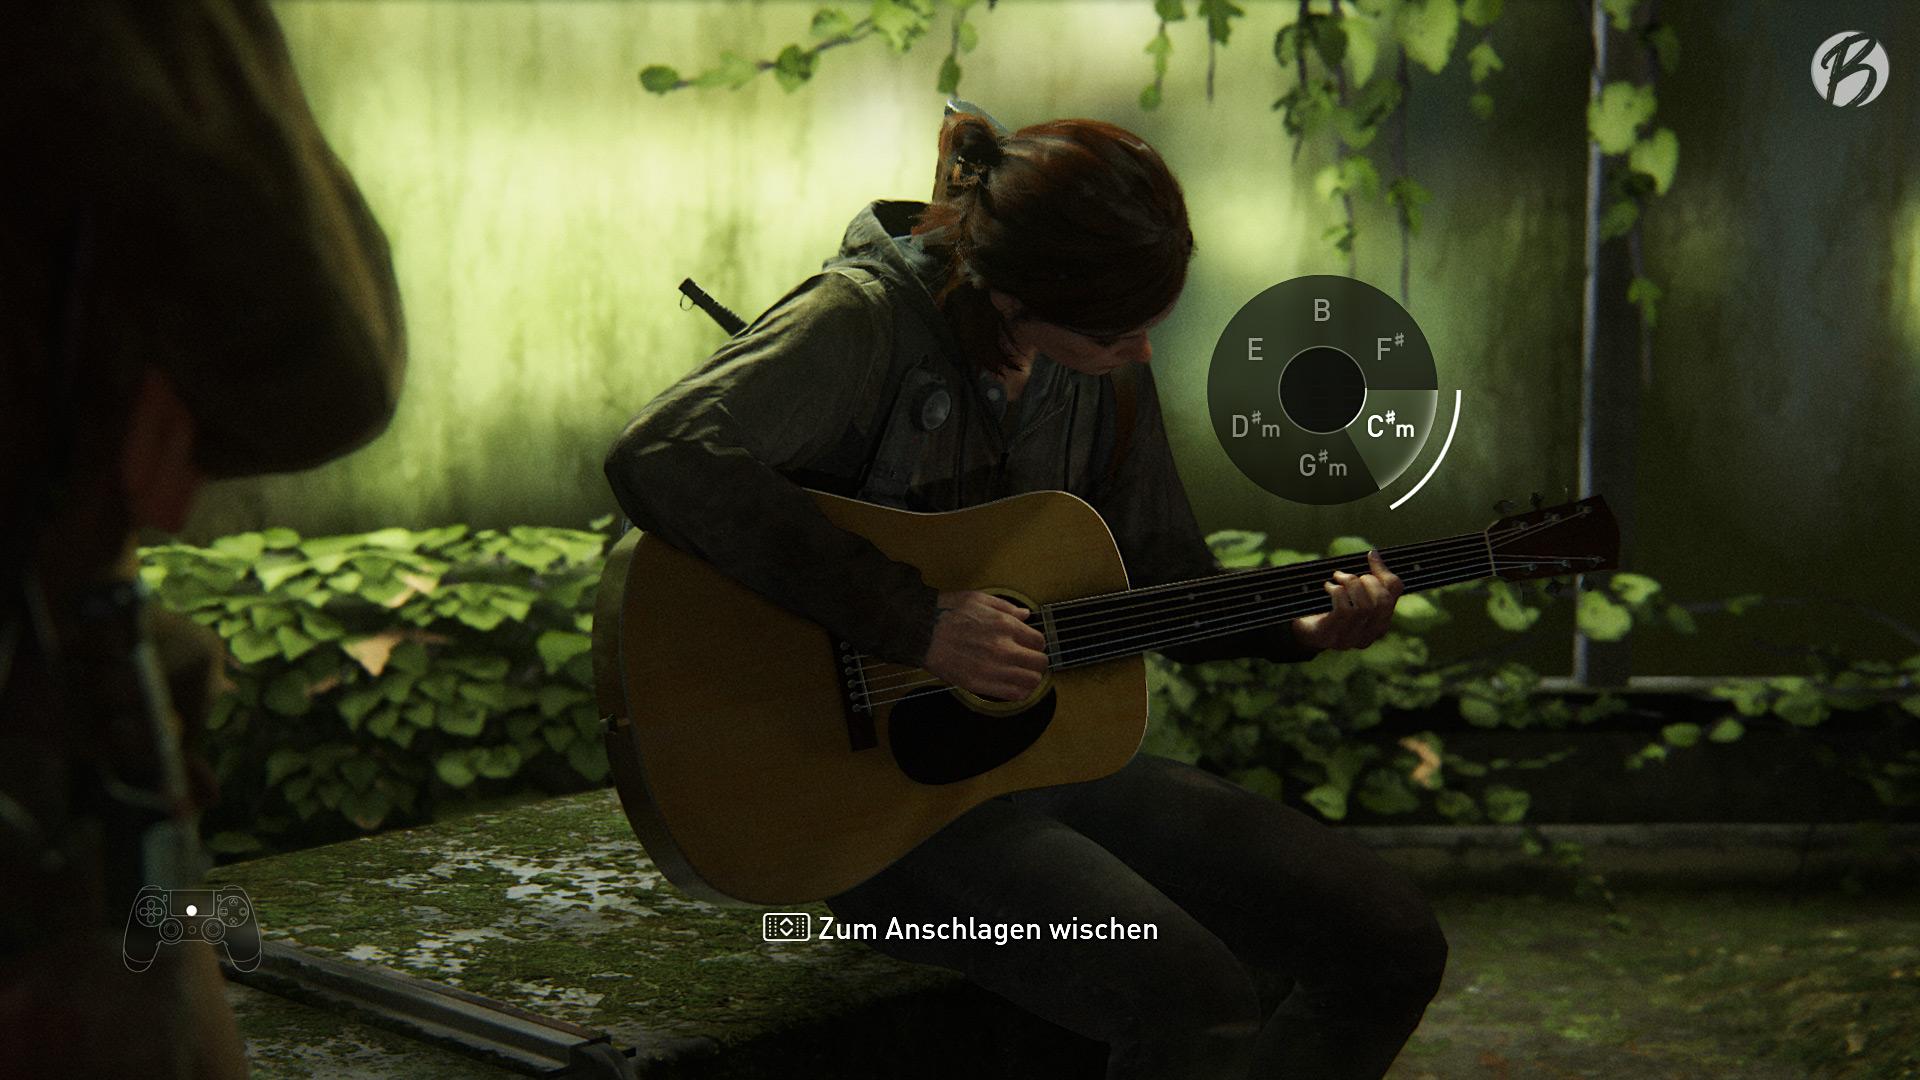 Jedes Mal wenn Ellie eine Gitarre findet, dürfen wir mit Hilfe des Touchpads in die Saiten hauen.